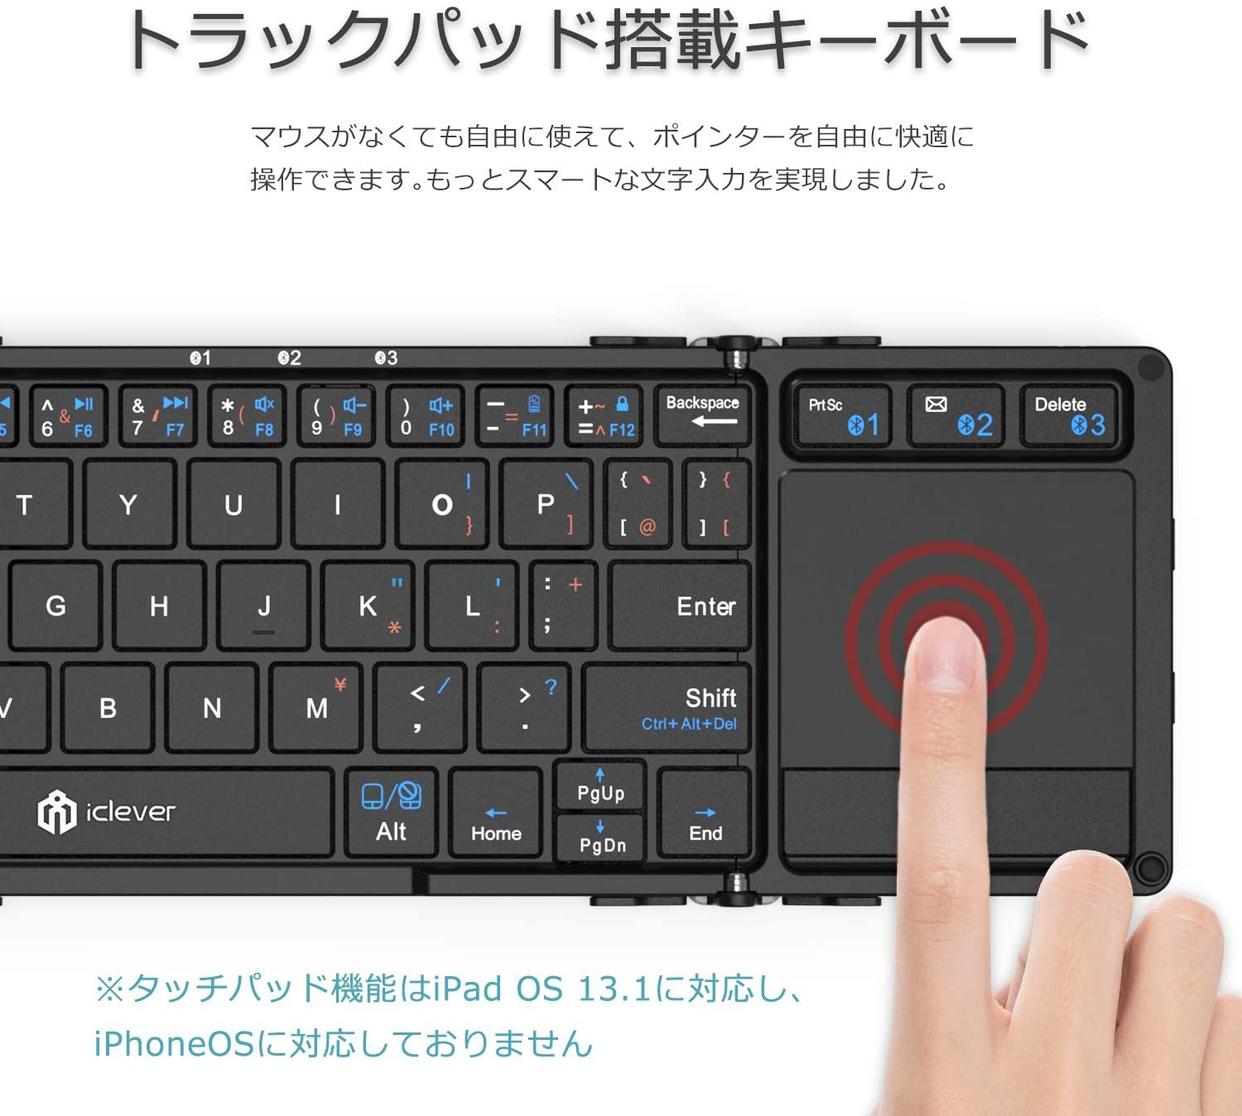 iClever(アイクレバー) 折畳み式Bluetoothキーボード IC-BK08の商品画像3